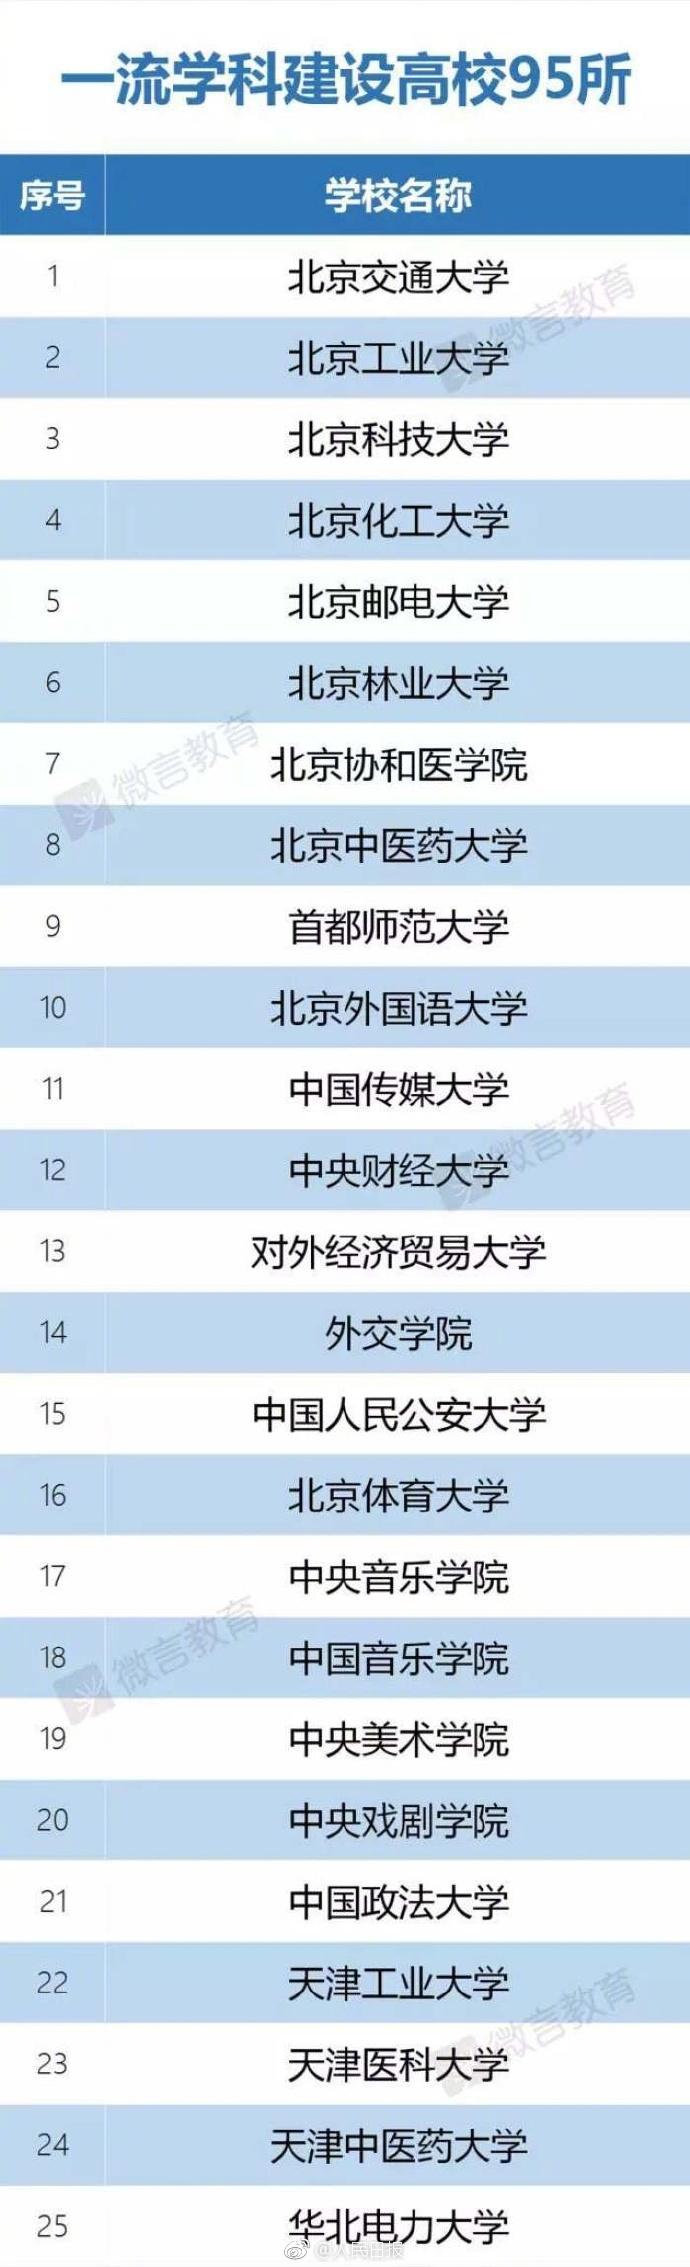 2017年双一流高校名单公布 广东5所高校入围(图)